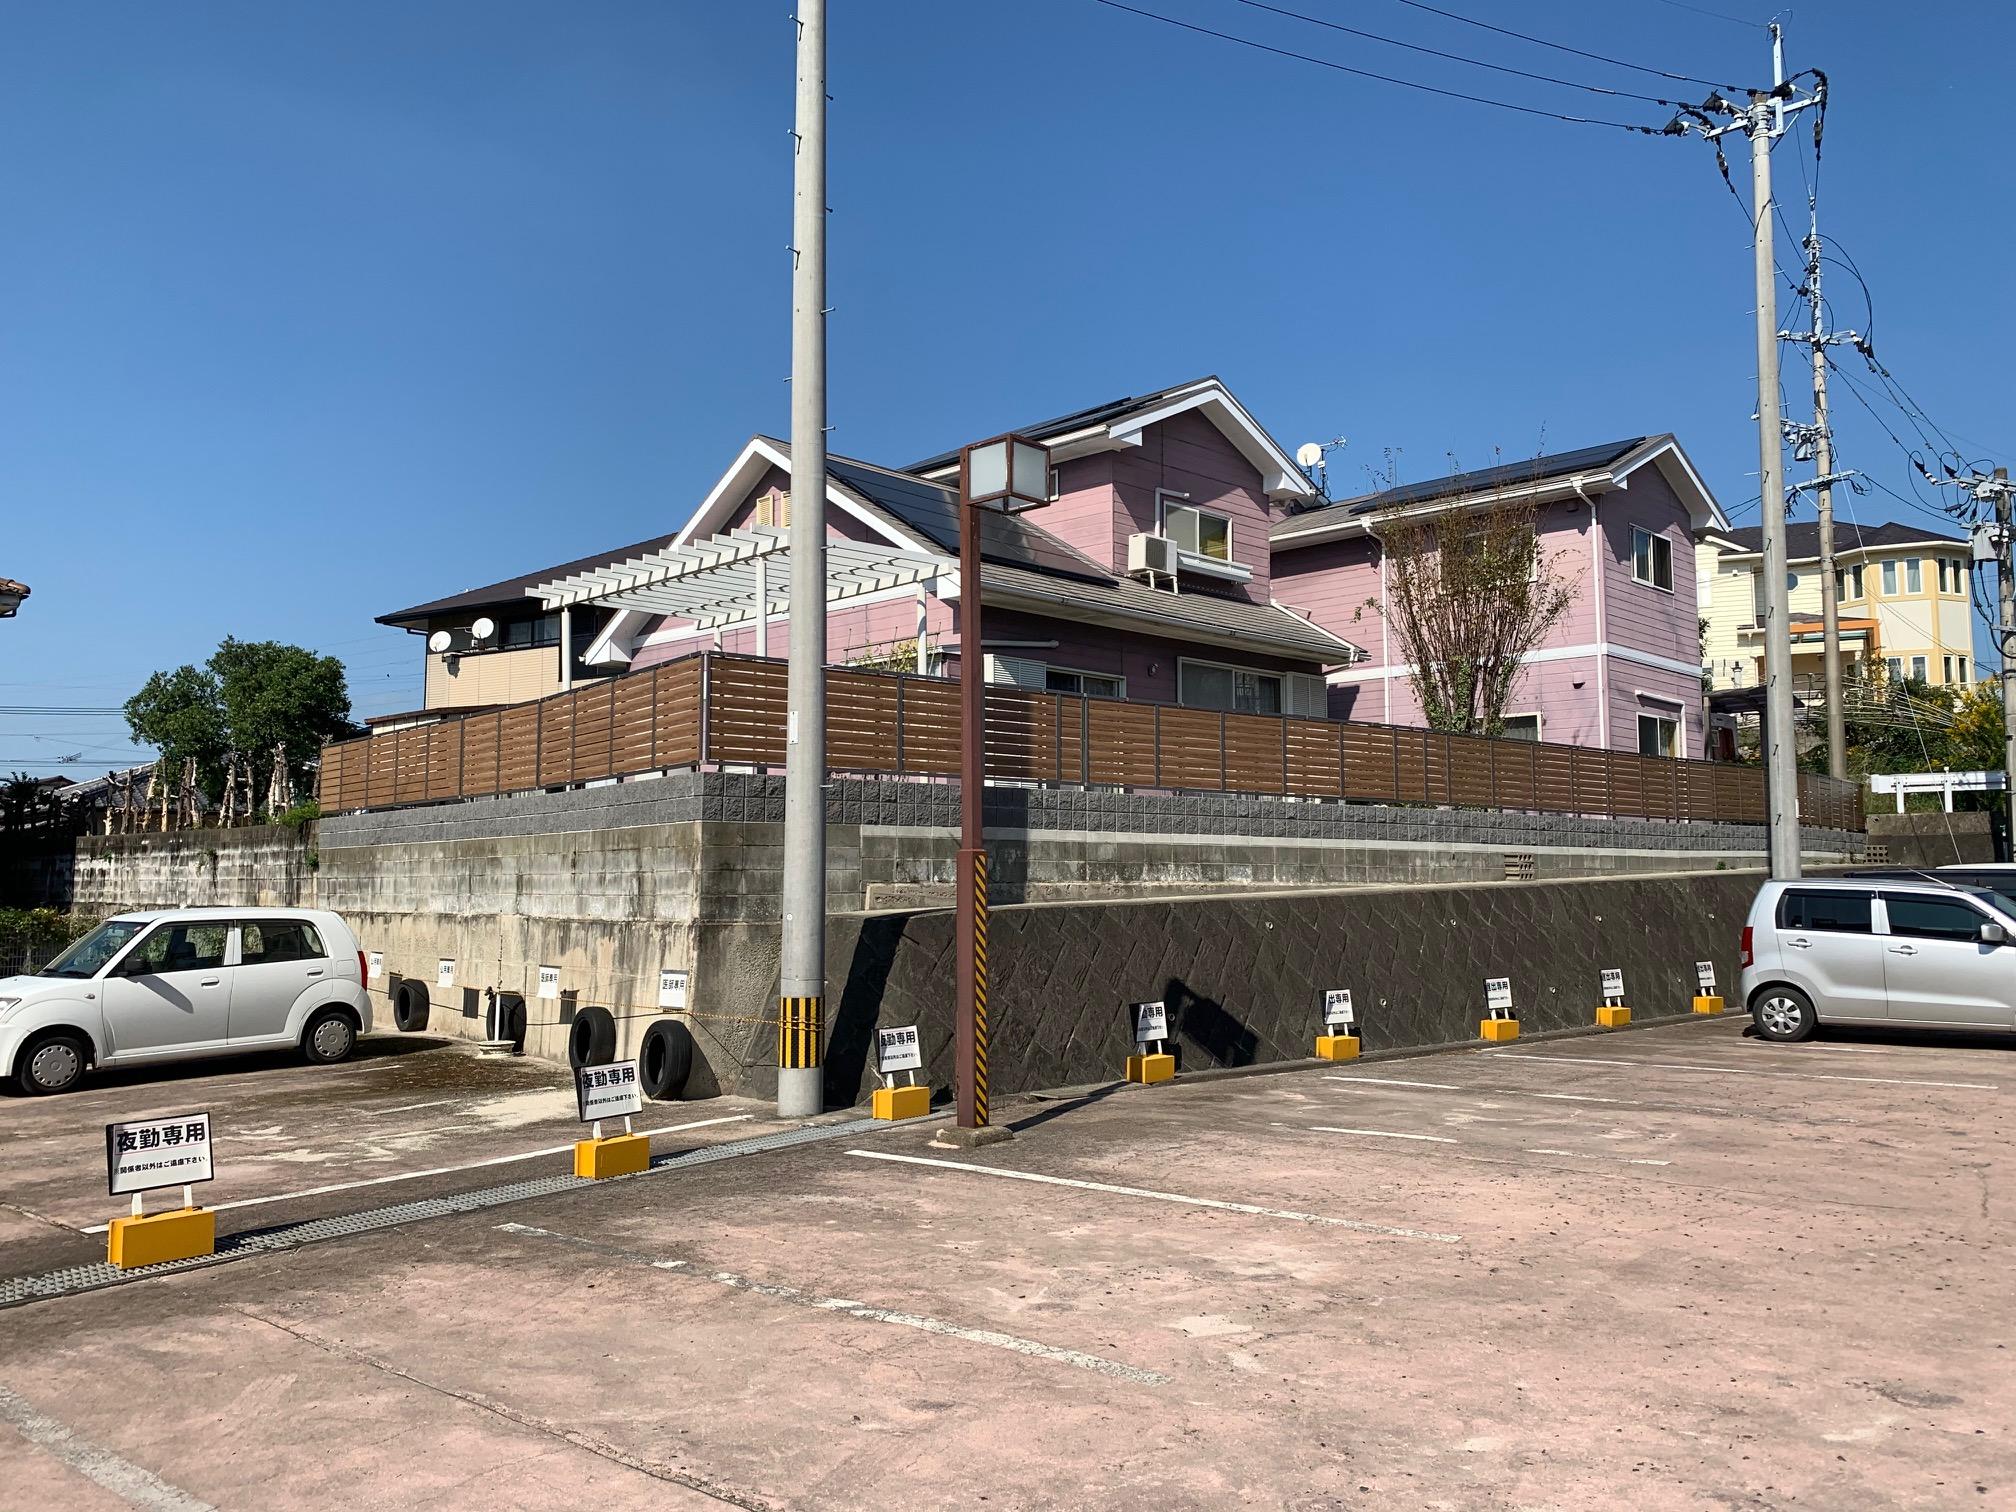 福岡トーヨー 大牟田店の目隠しフェンスと花粉症対策の施工後の写真2